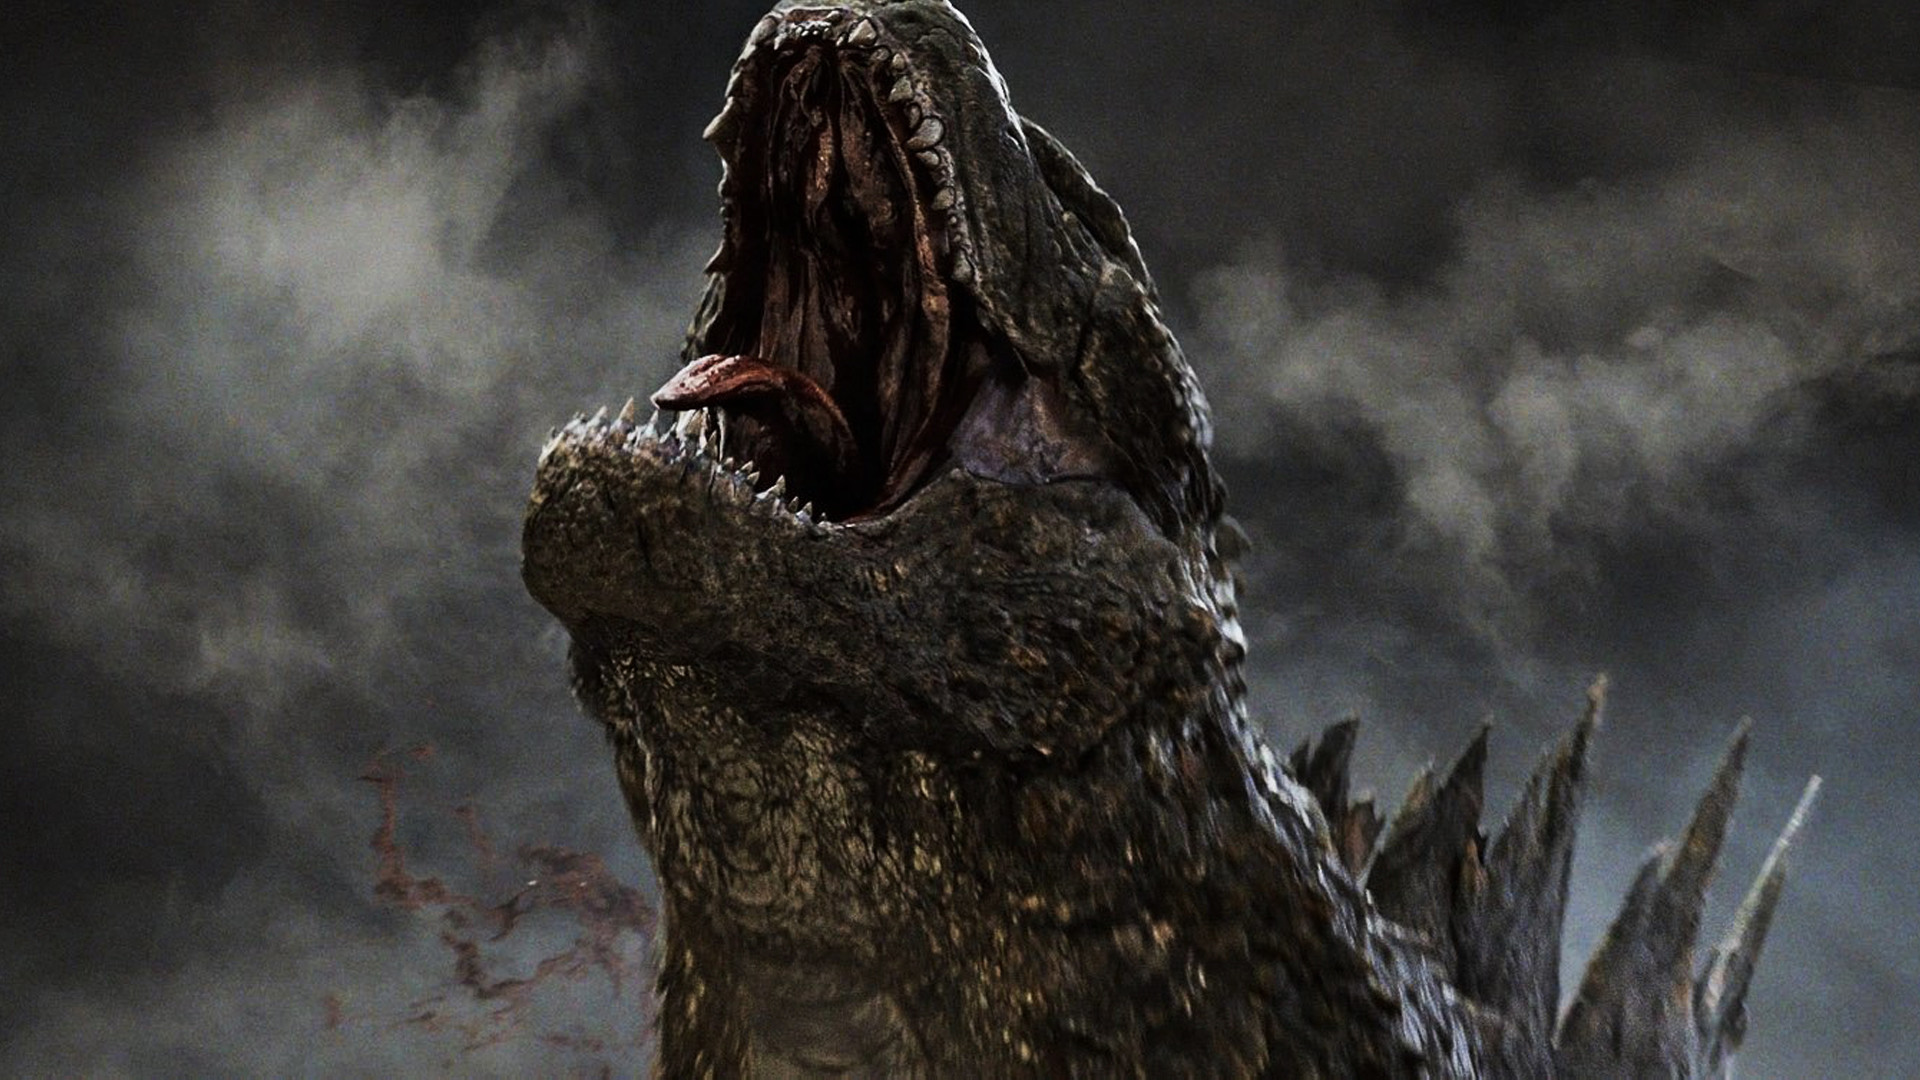 Godzilla Roaring 2014 Movie 12 Wallpaper HD